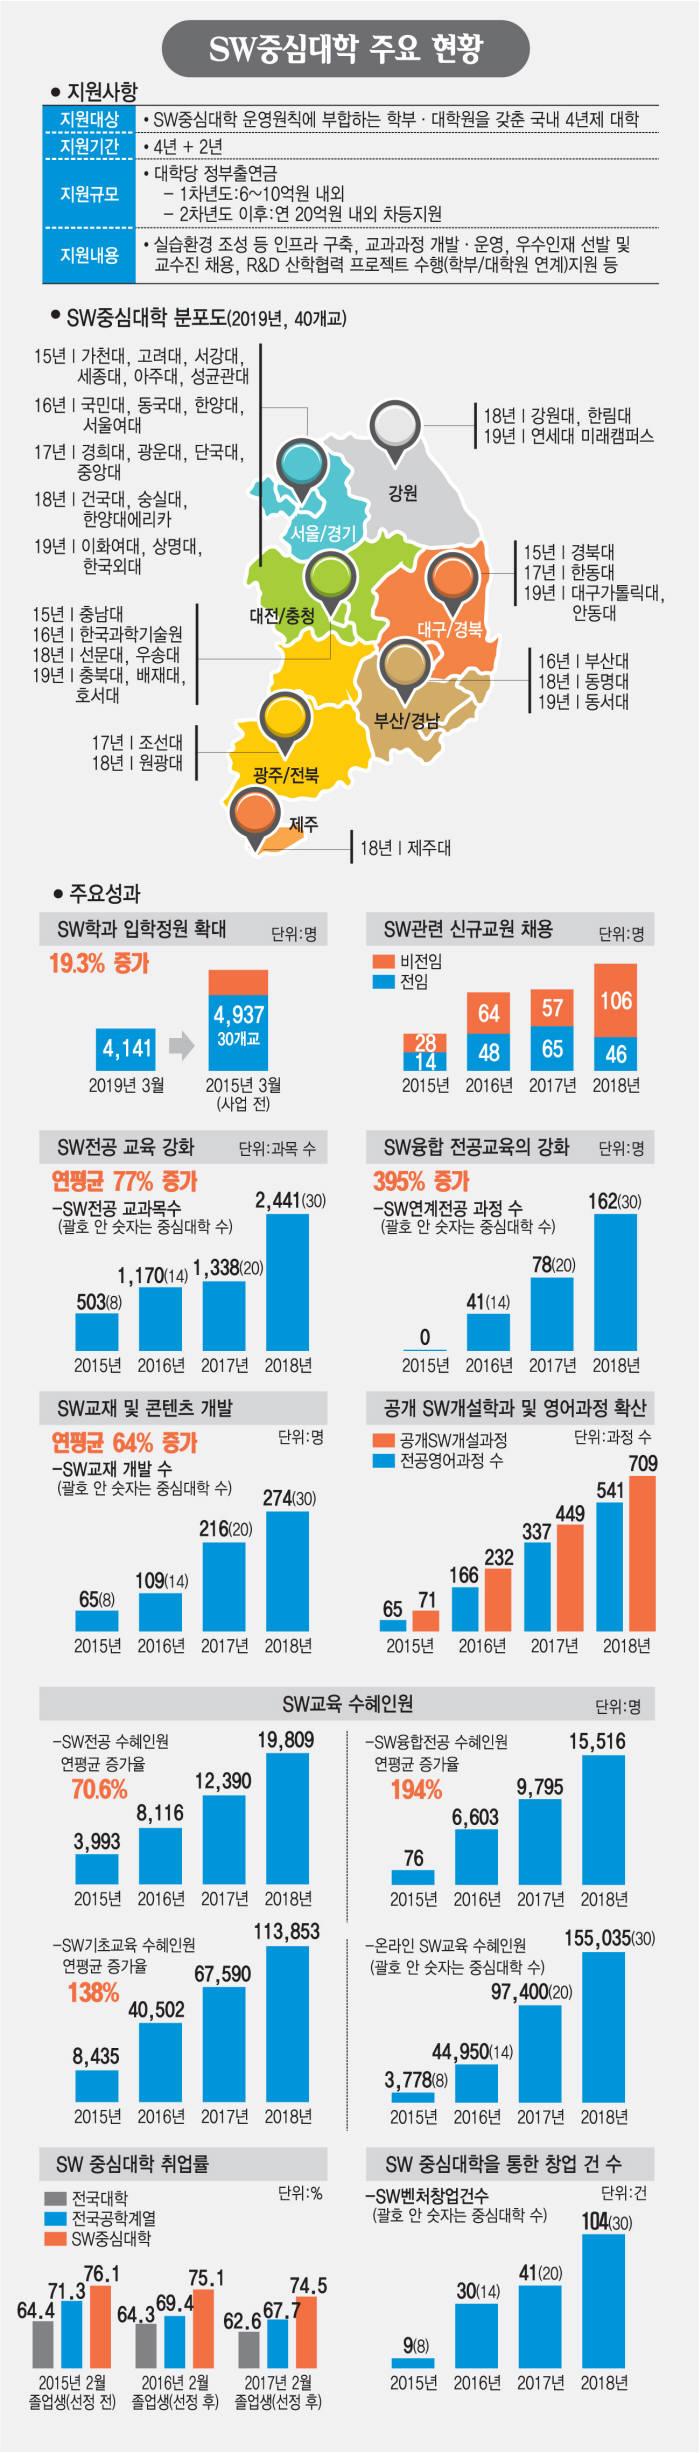 [SW중심대학]SW중심대학 우수작품관…사회적 약자 고려한 개발작품 다수 출시